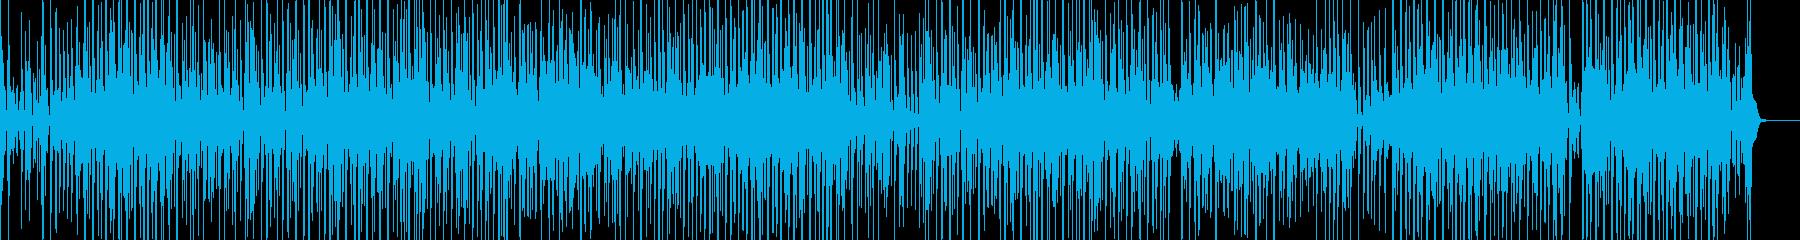 琴&三味線のファンクホップ ピアノ有の再生済みの波形